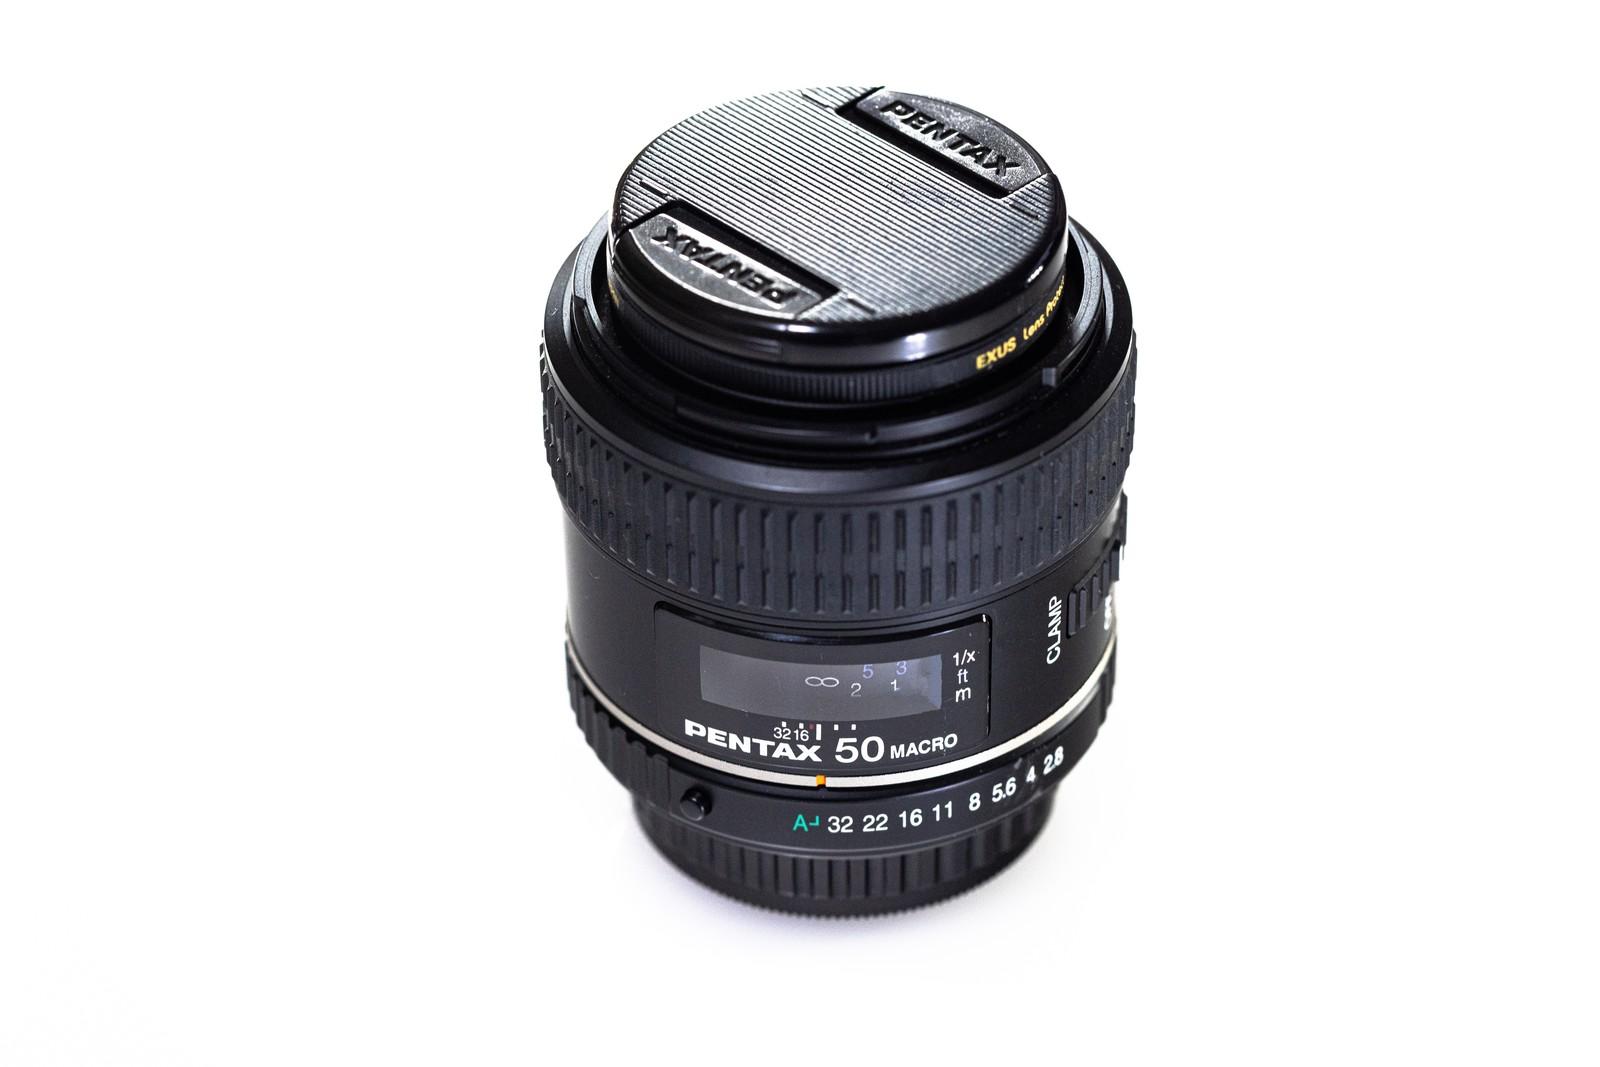 中古カメラを買うメリット